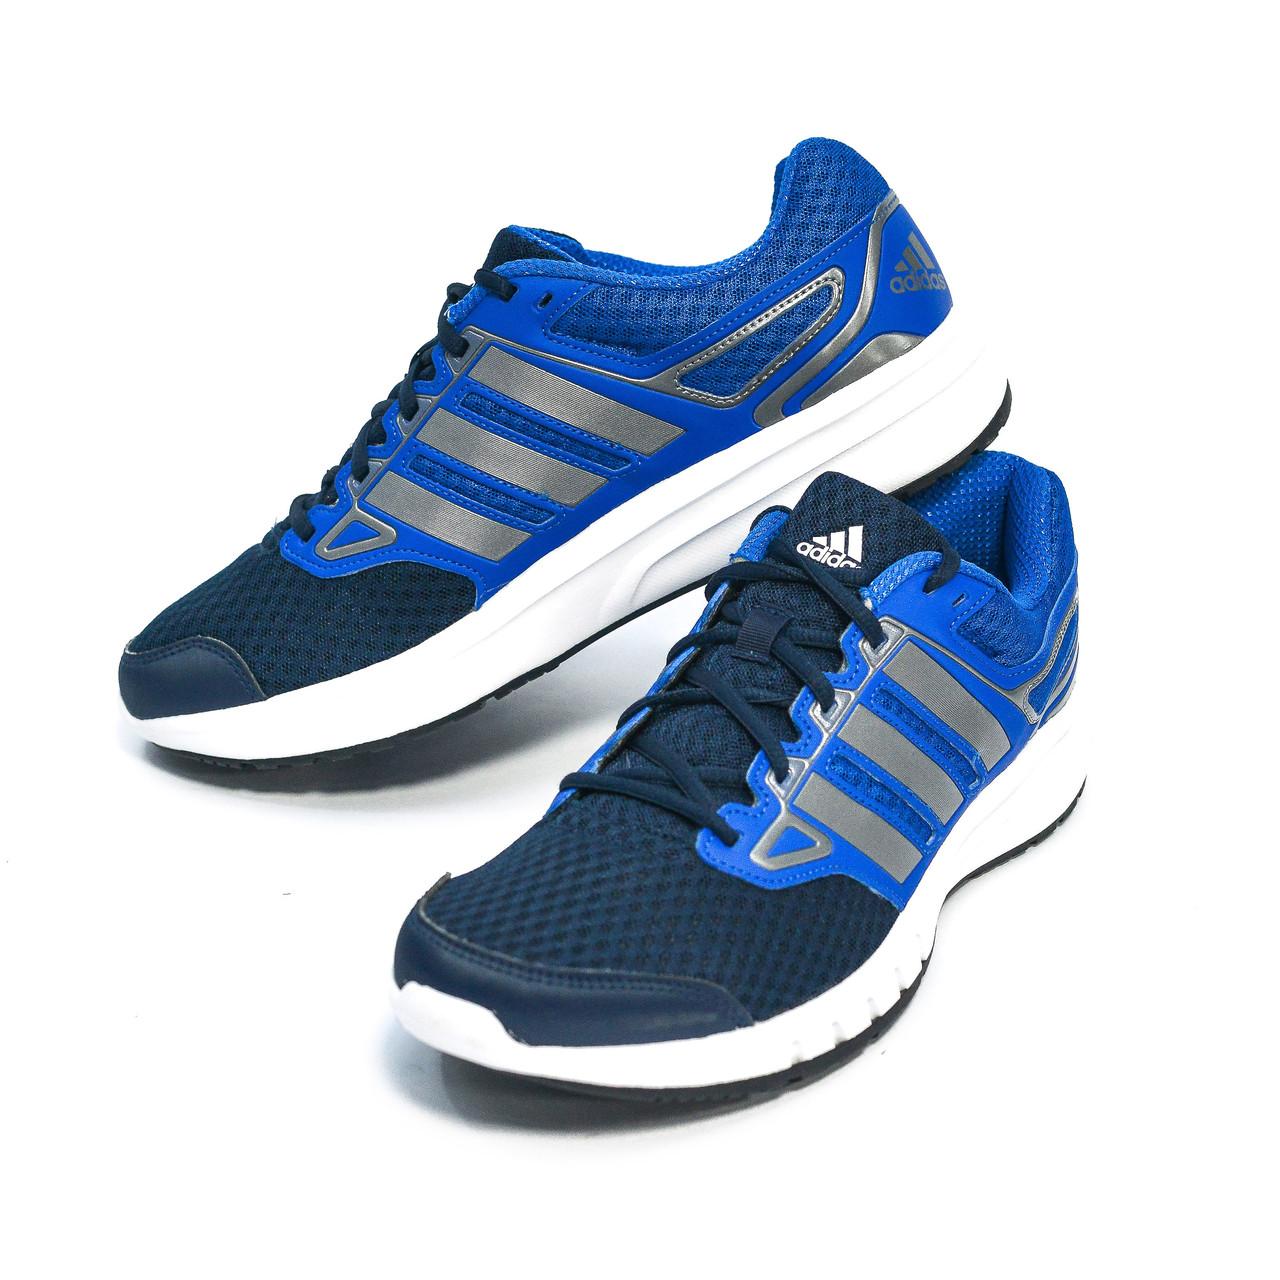 Оригинальные мужские кроссовки Adidas Galactic elite